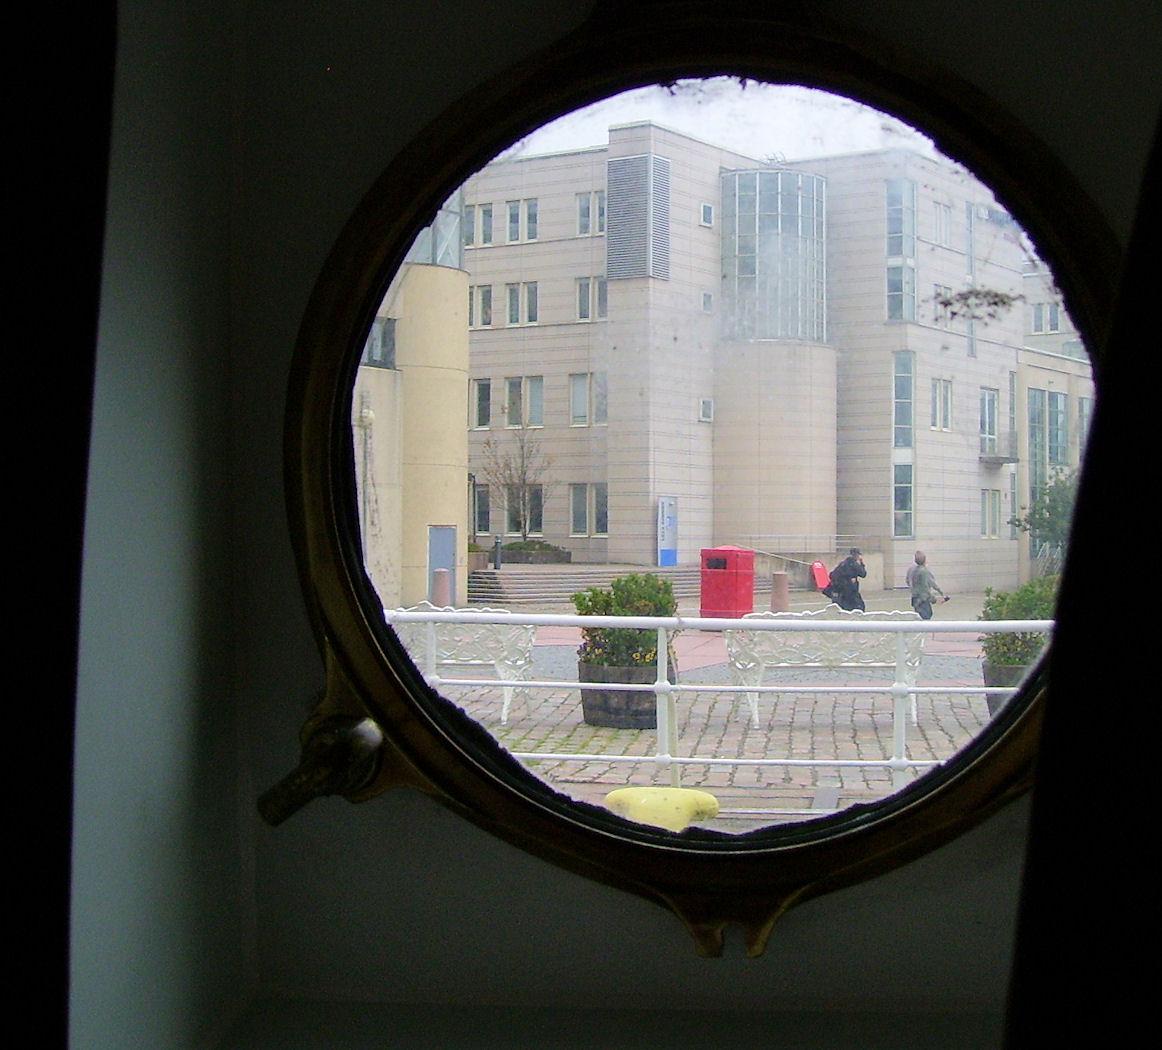 hotel barken viking room porthole